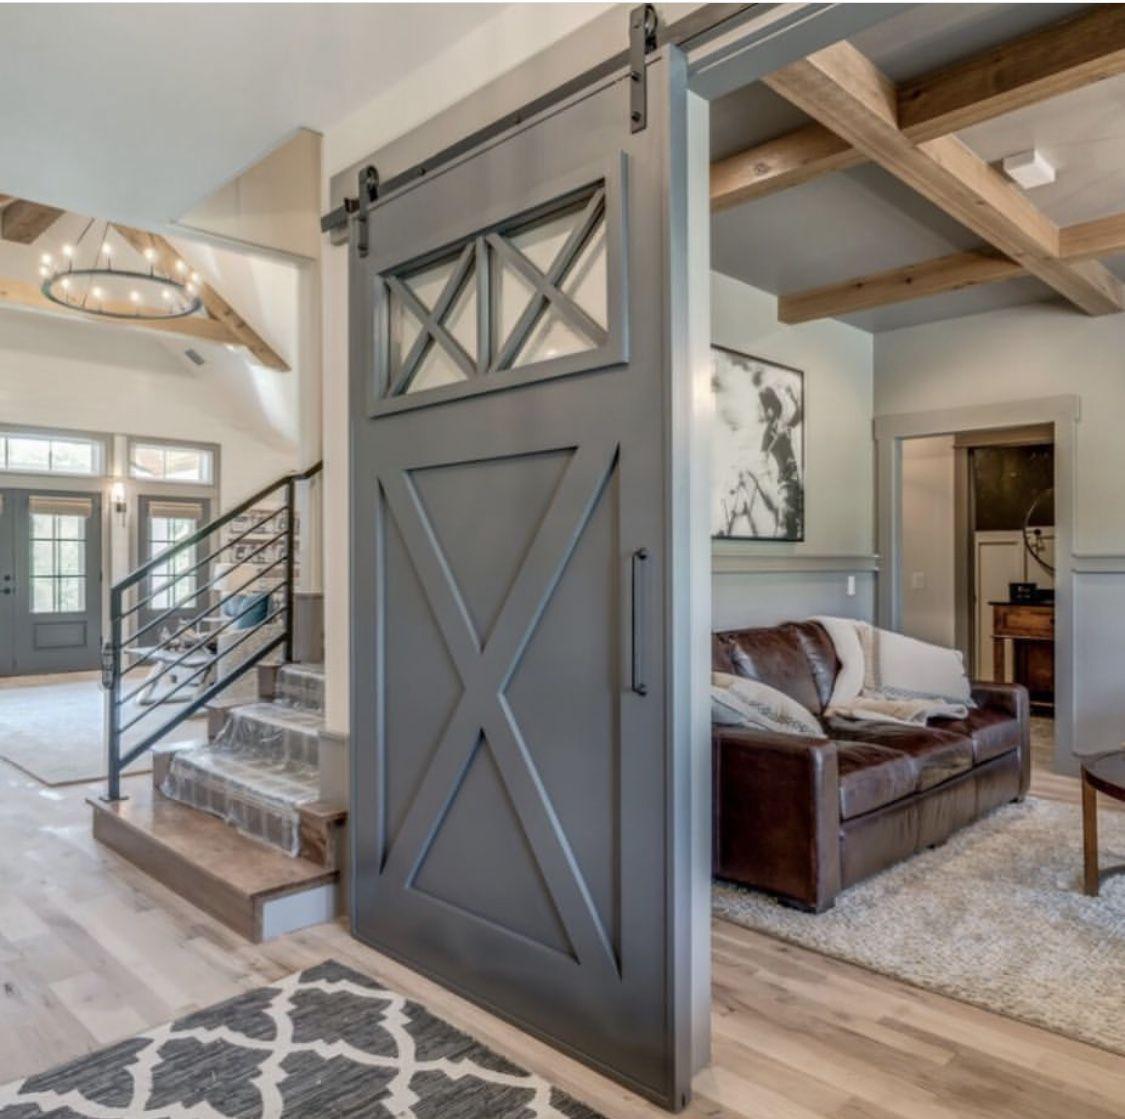 Barn Doors: Trend or Timeless?